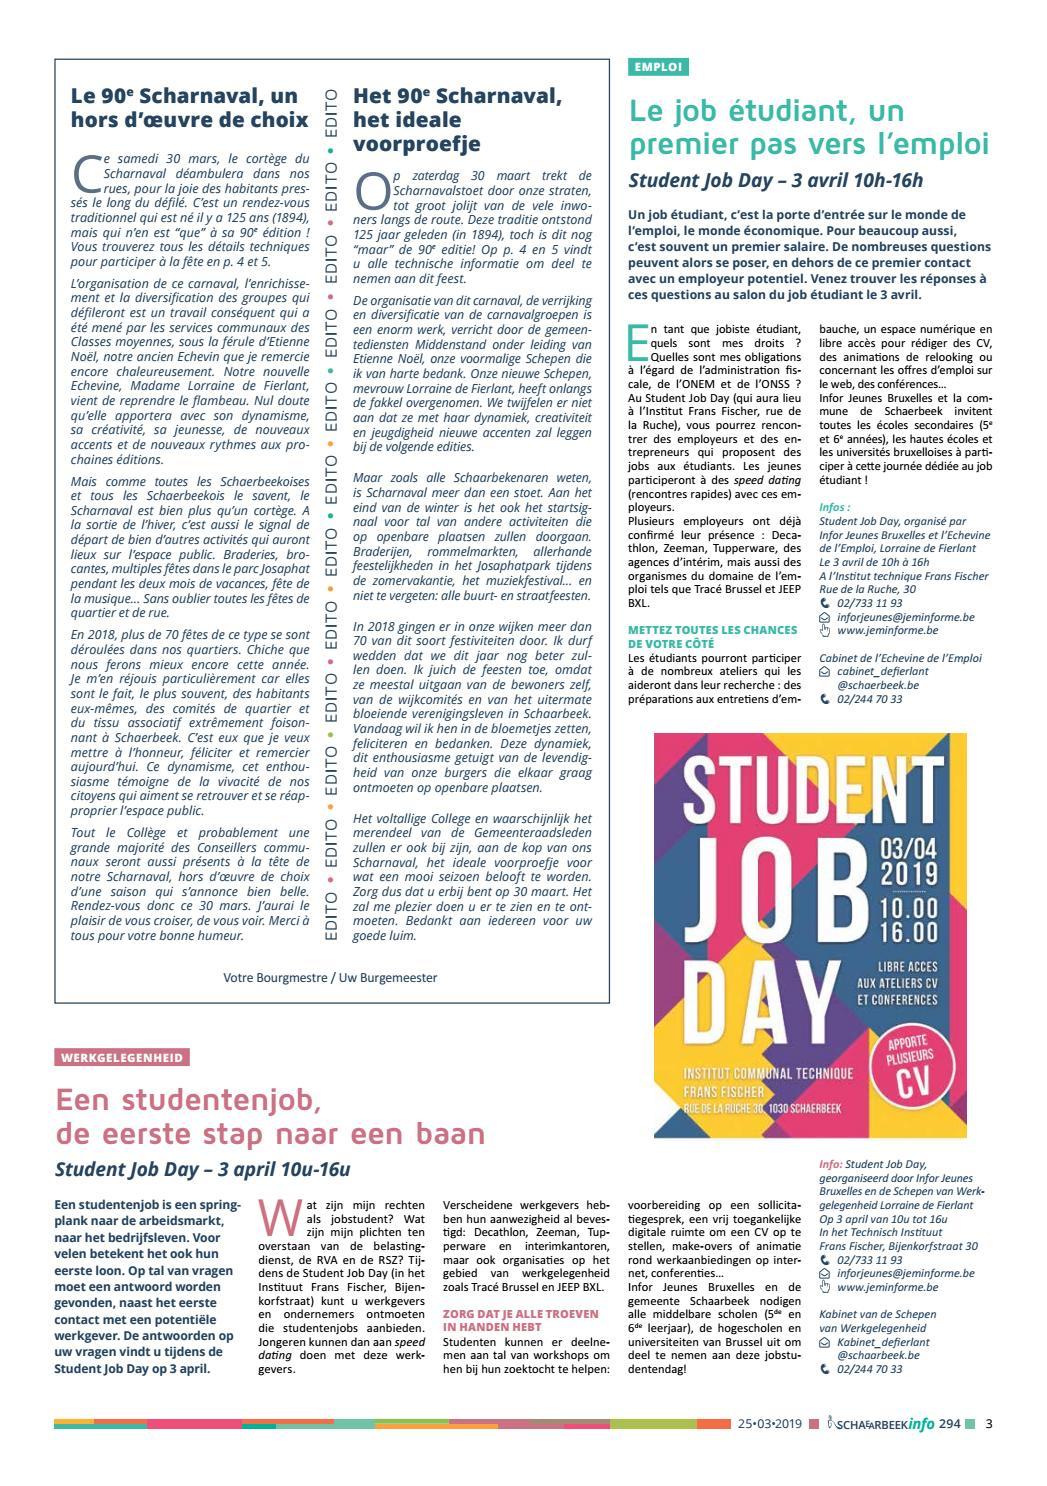 rencontres site voor studenten